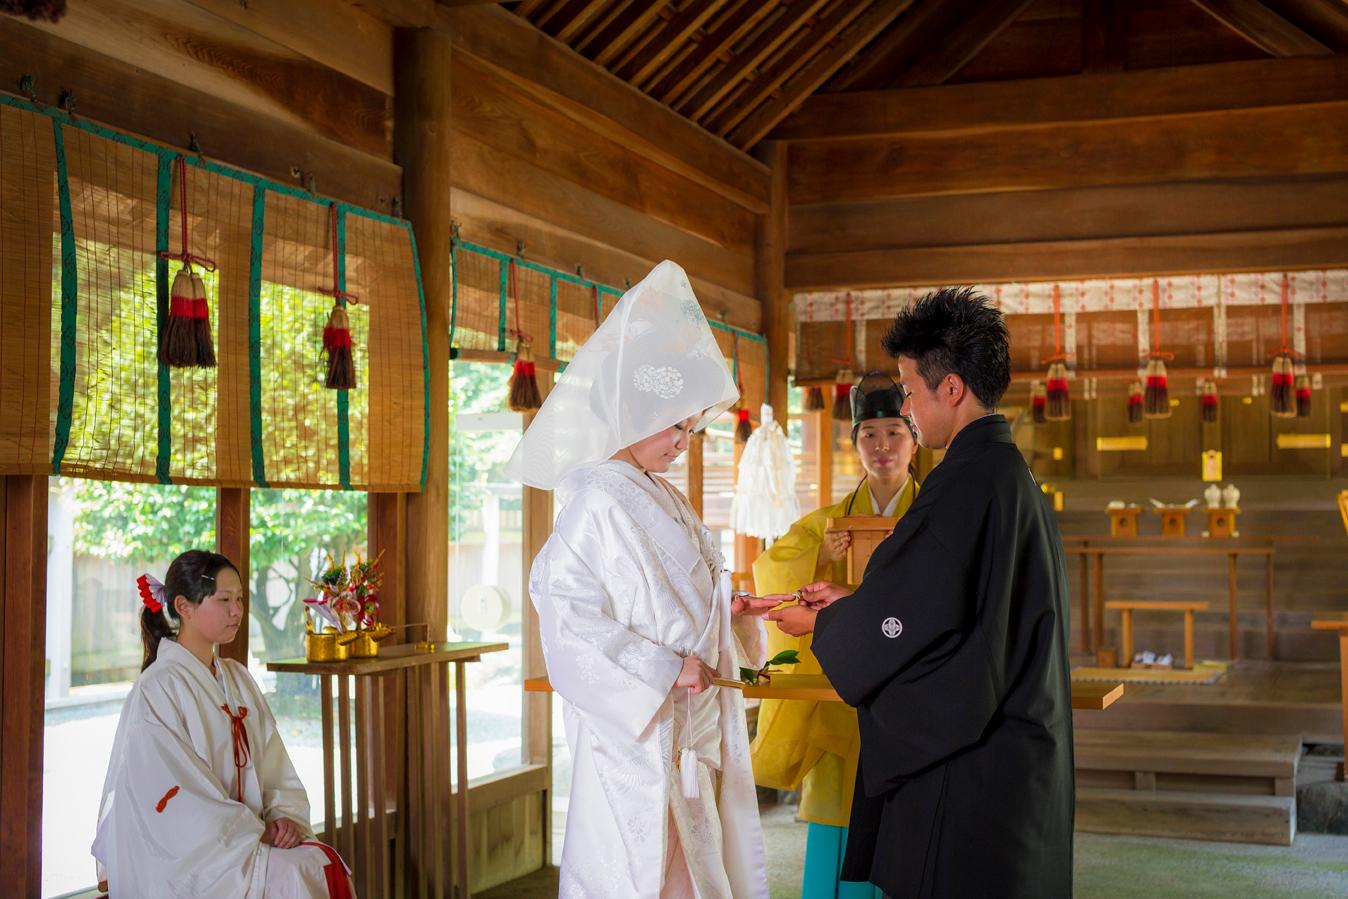 凛とした空気の中で、粛々と執り行われる神前式は厳かでありながらも心の繋がりを感じられる   愛媛県西条市の結婚式場ベルフォーレ西条